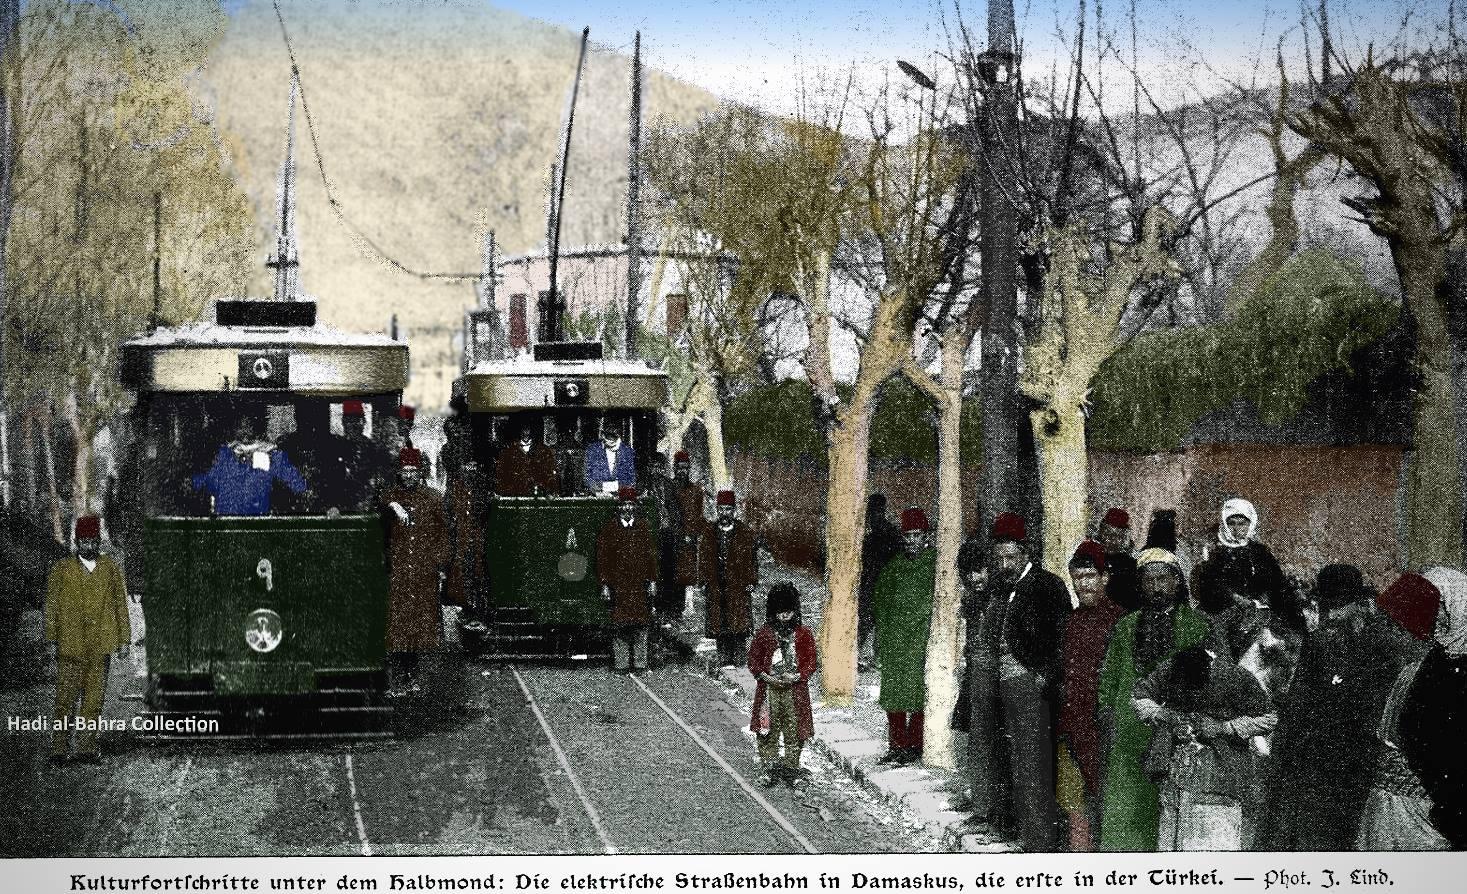 دمشق 1907- تدشين أول خط تراموي كهربائي في الأمبراطورية العثمانية